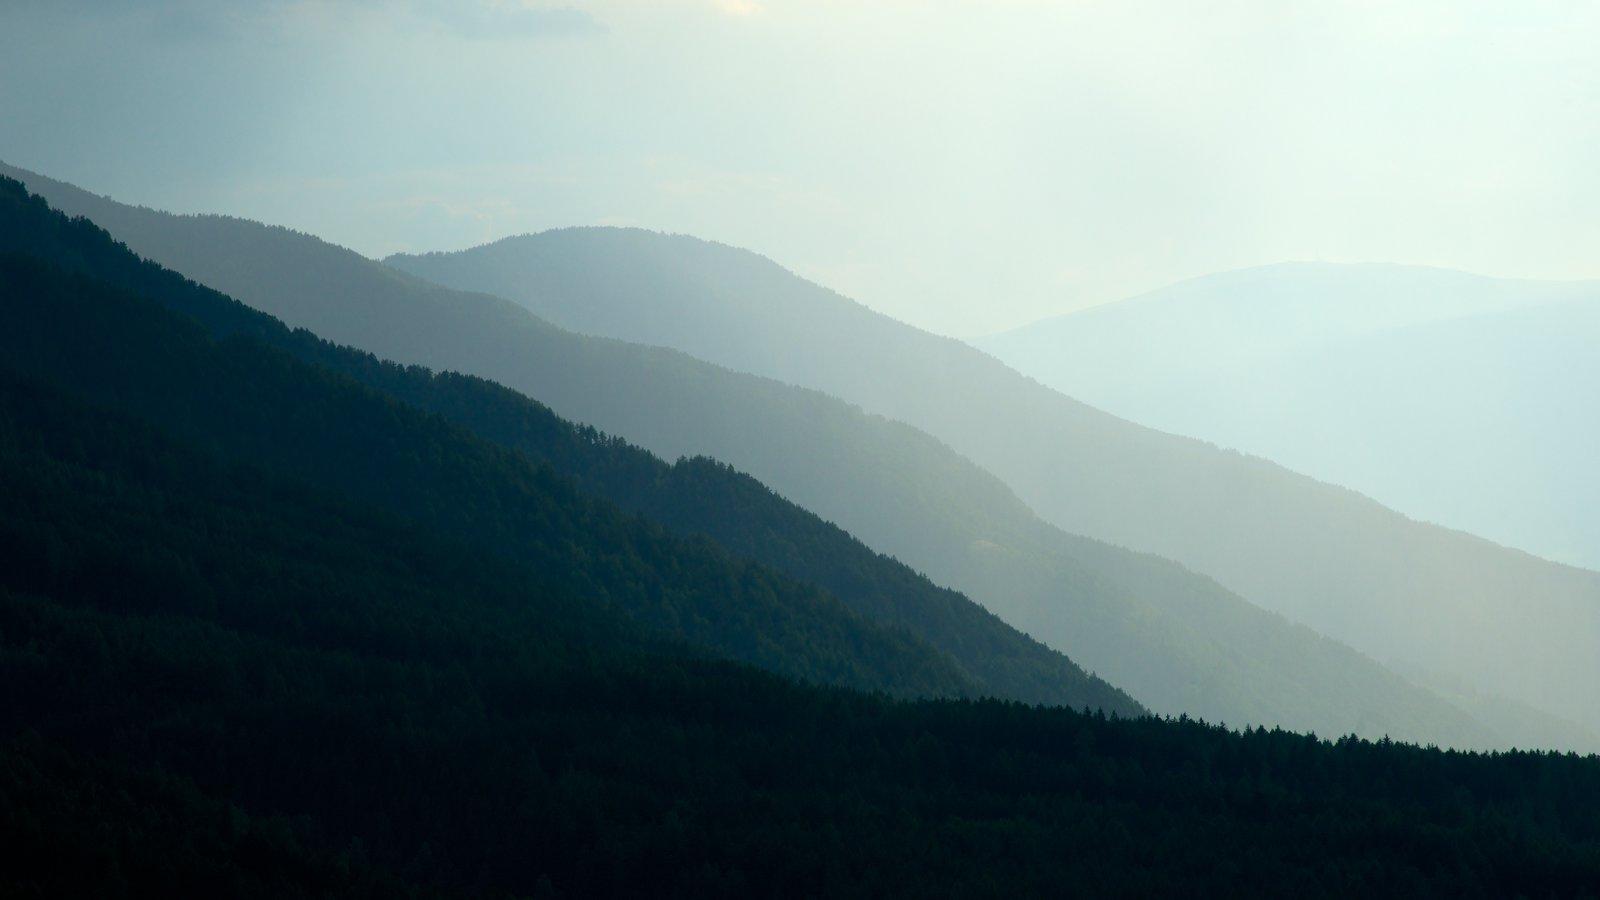 Funes caracterizando montanhas, cenas tranquilas e paisagem